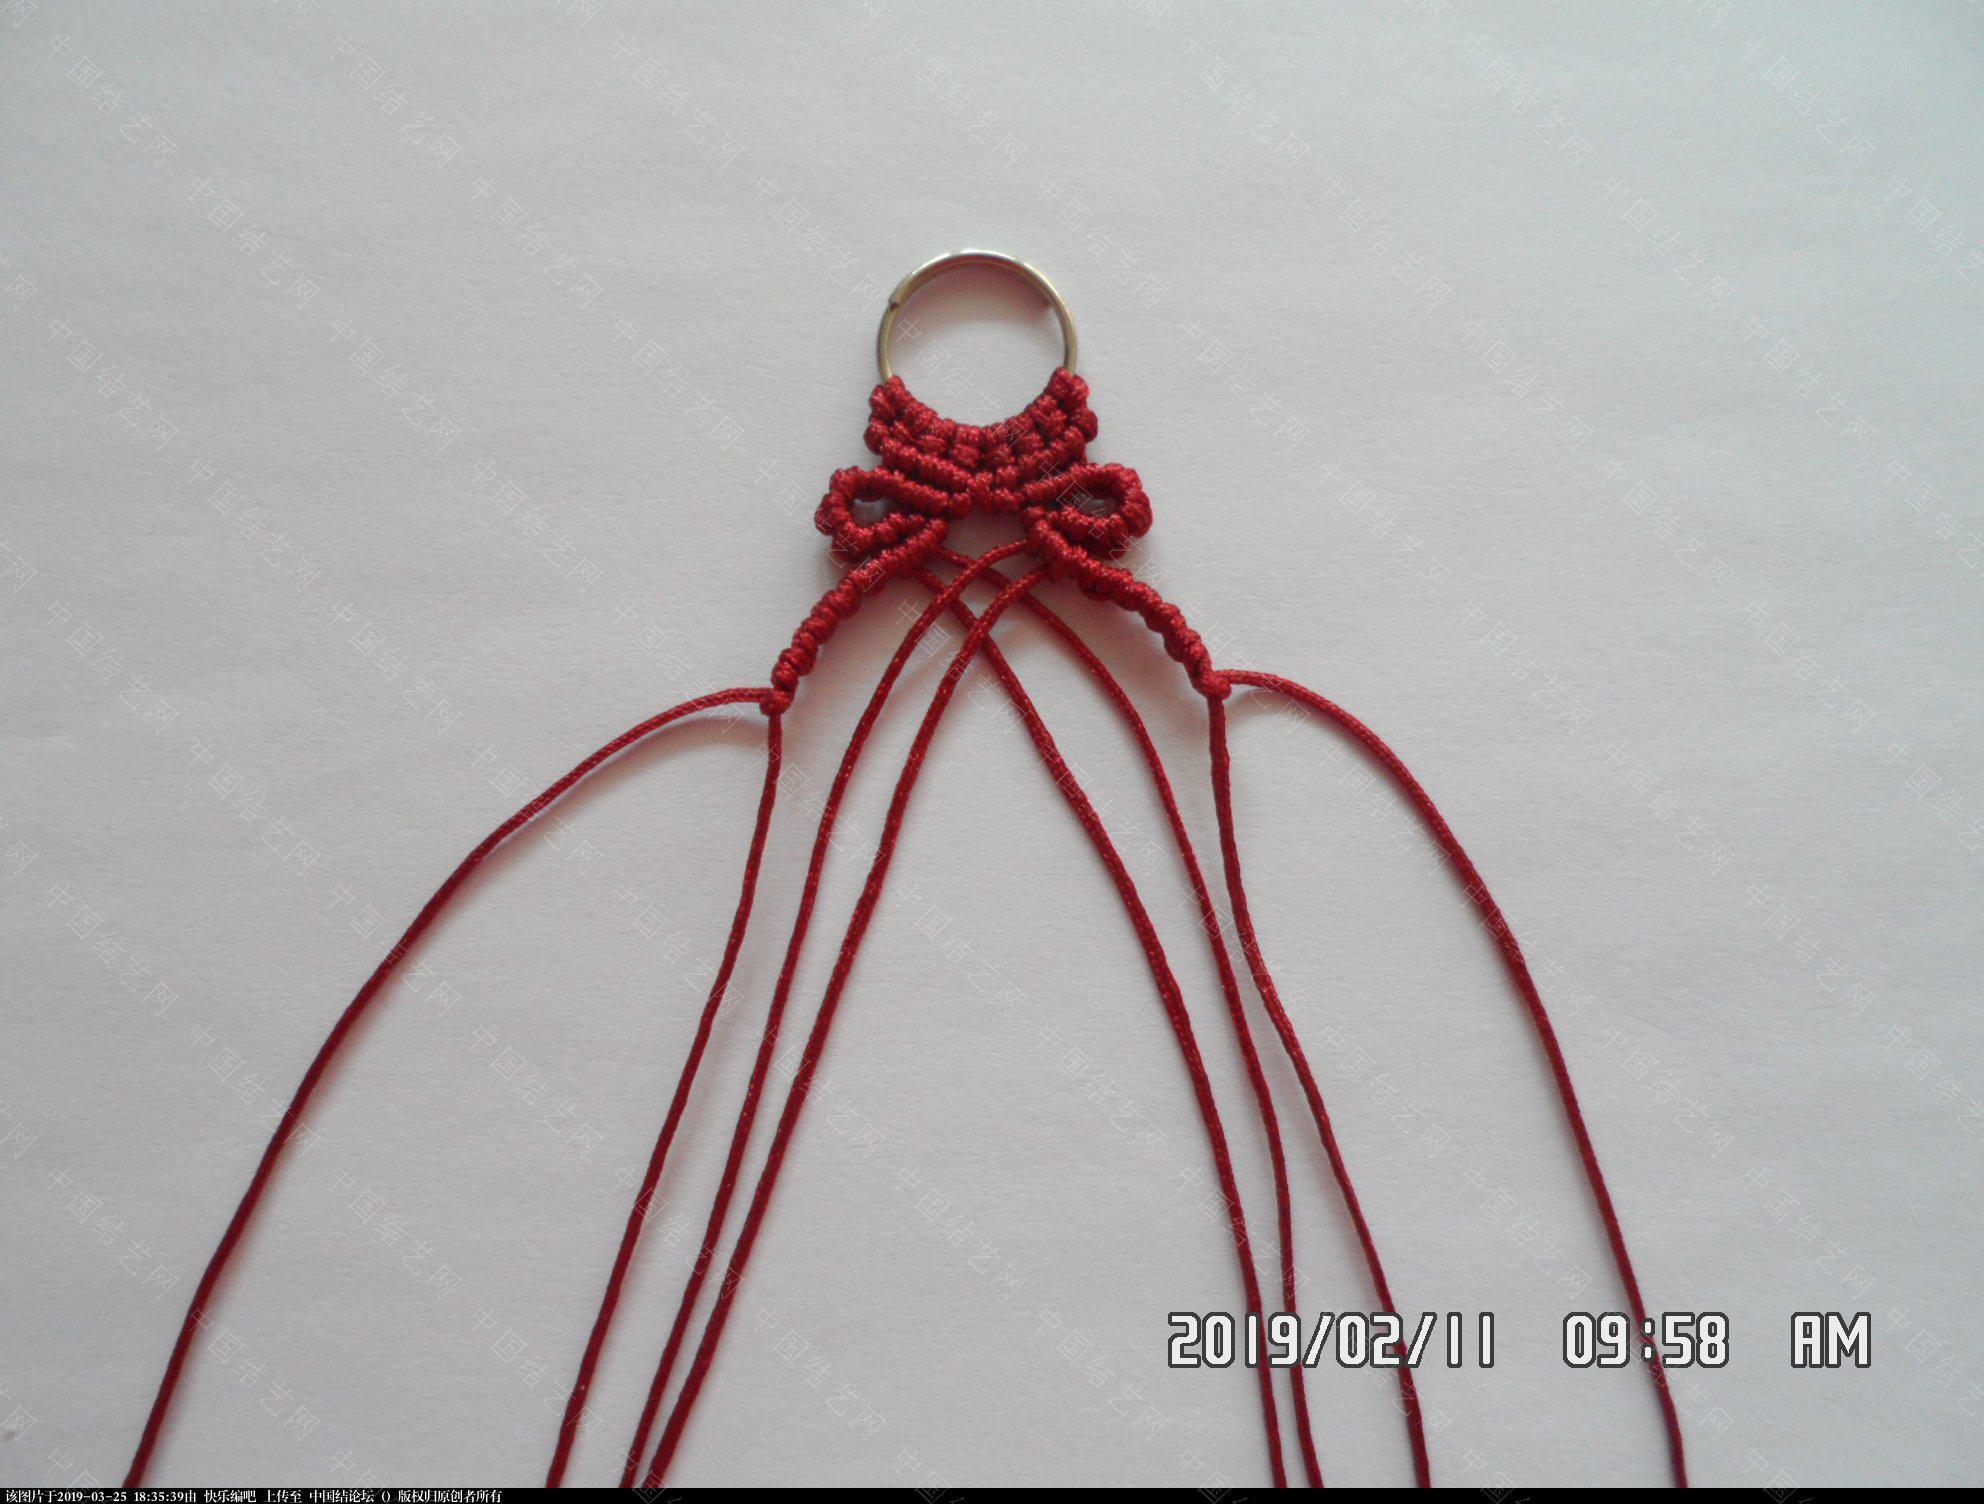 中国结论坛 耳坠 —— 雀头结、斜卷结、反斜卷结组合练习  图文教程区 173352ctcjse0etzs6cmc6